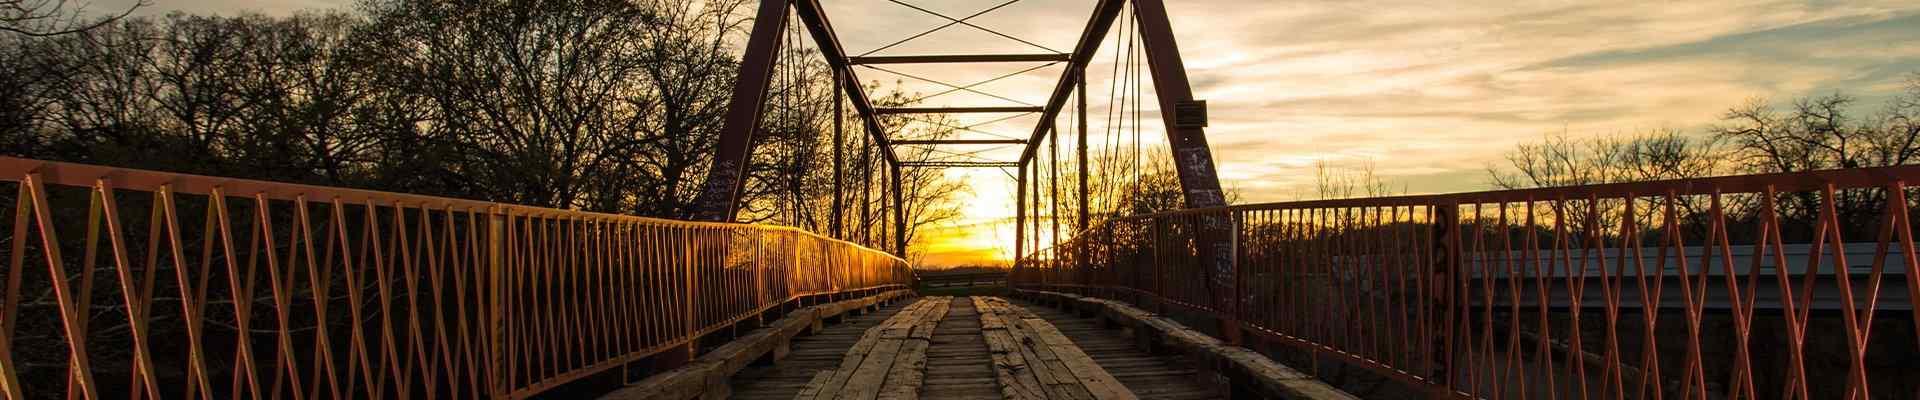 a view of a bridge in denton texas